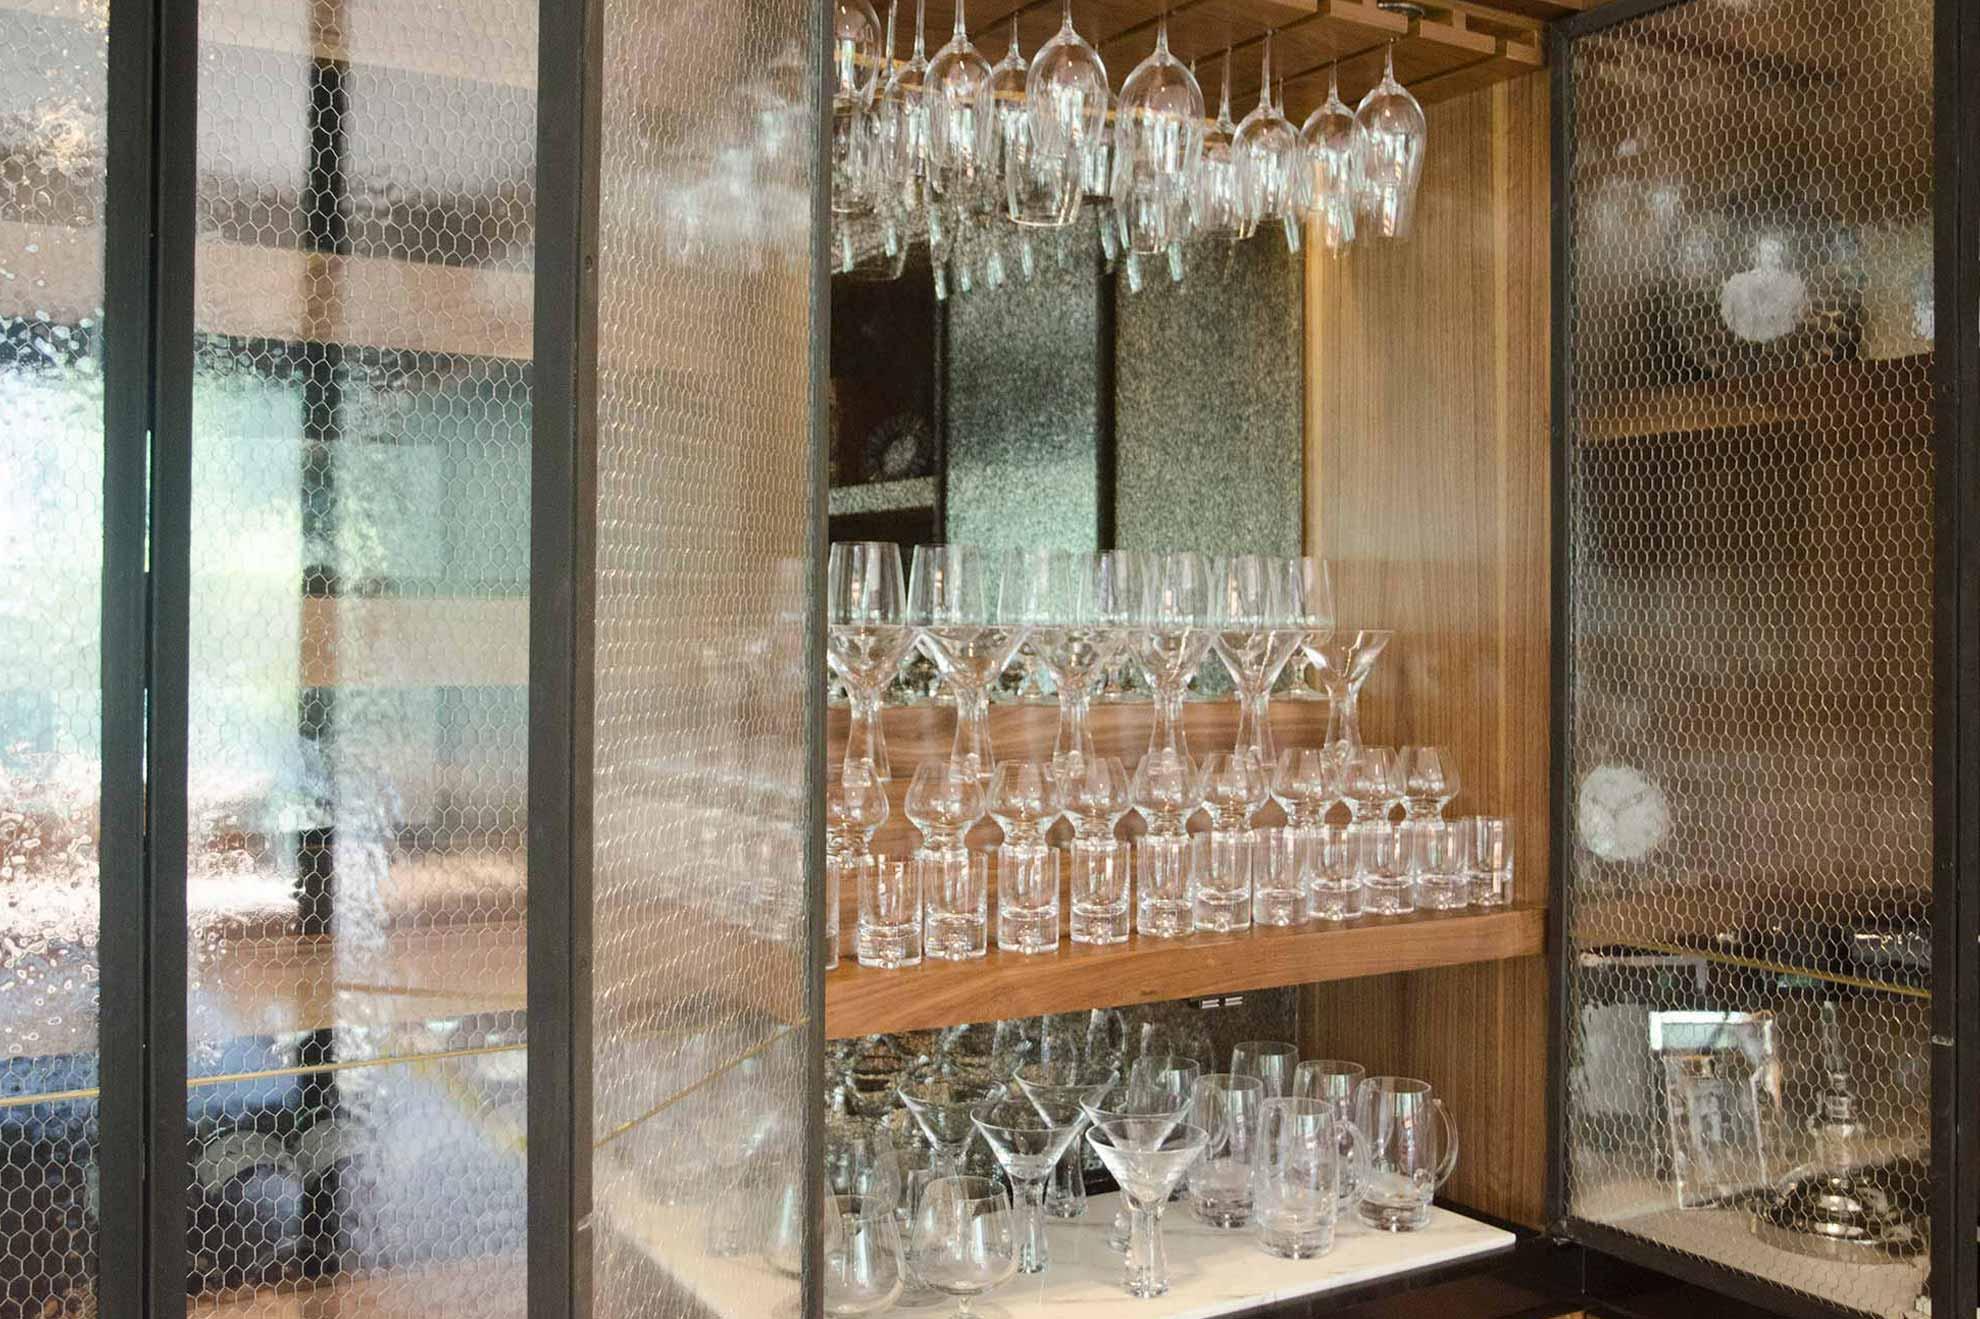 vitrina con vidrio anticado y malla de gallinero, parte del Garden House Bar creado por Depa 102